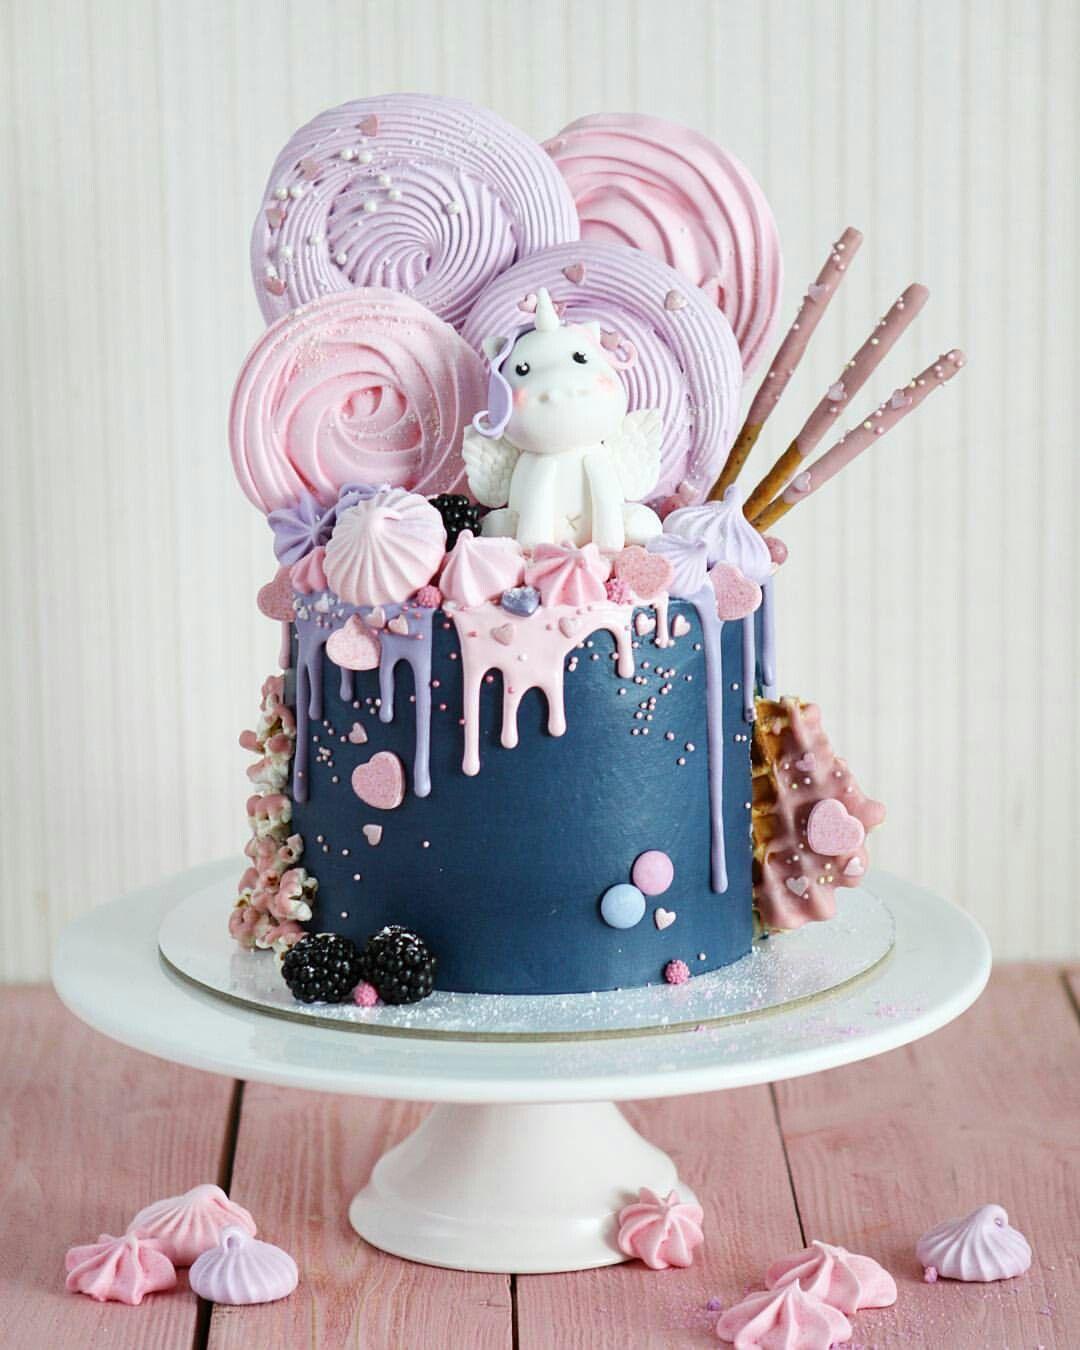 Pin Von V V Auf Dekor Torta Kindergeburtstag Kuchen Ideen Torte Kindergeburtstag Kuchen Kindergeburtstag